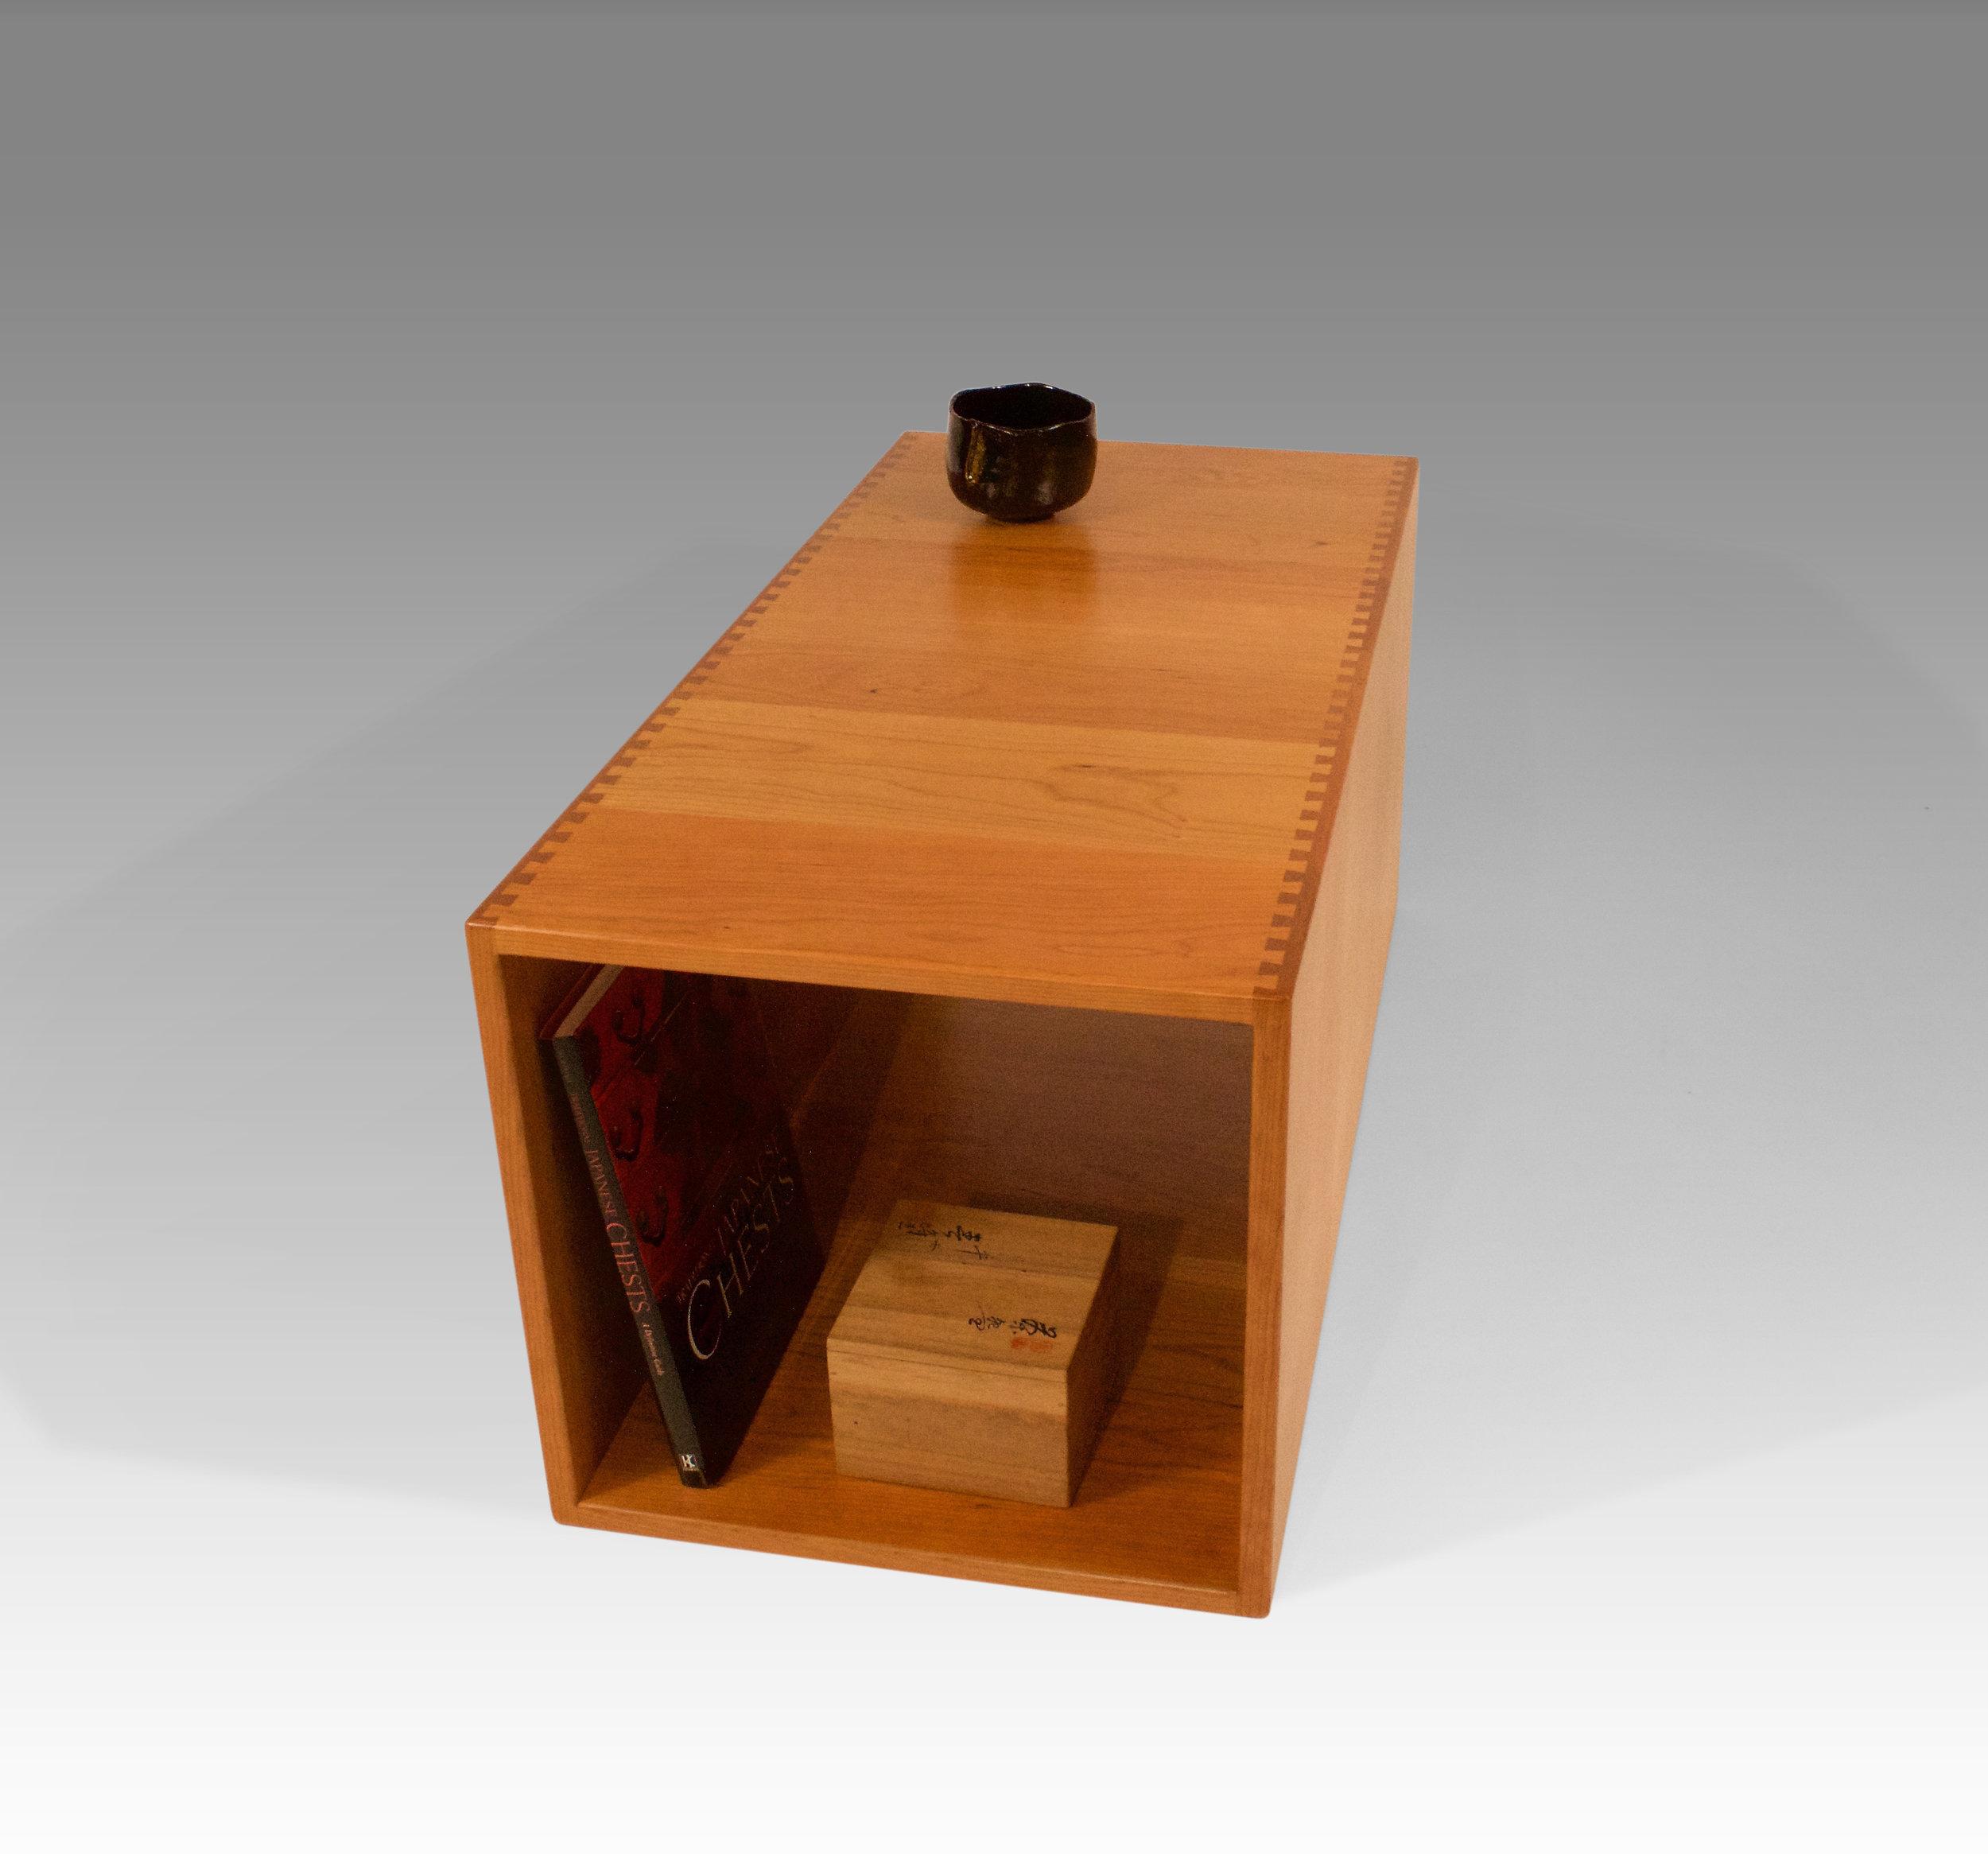 Zipper Coffee Table9 - 1.jpg